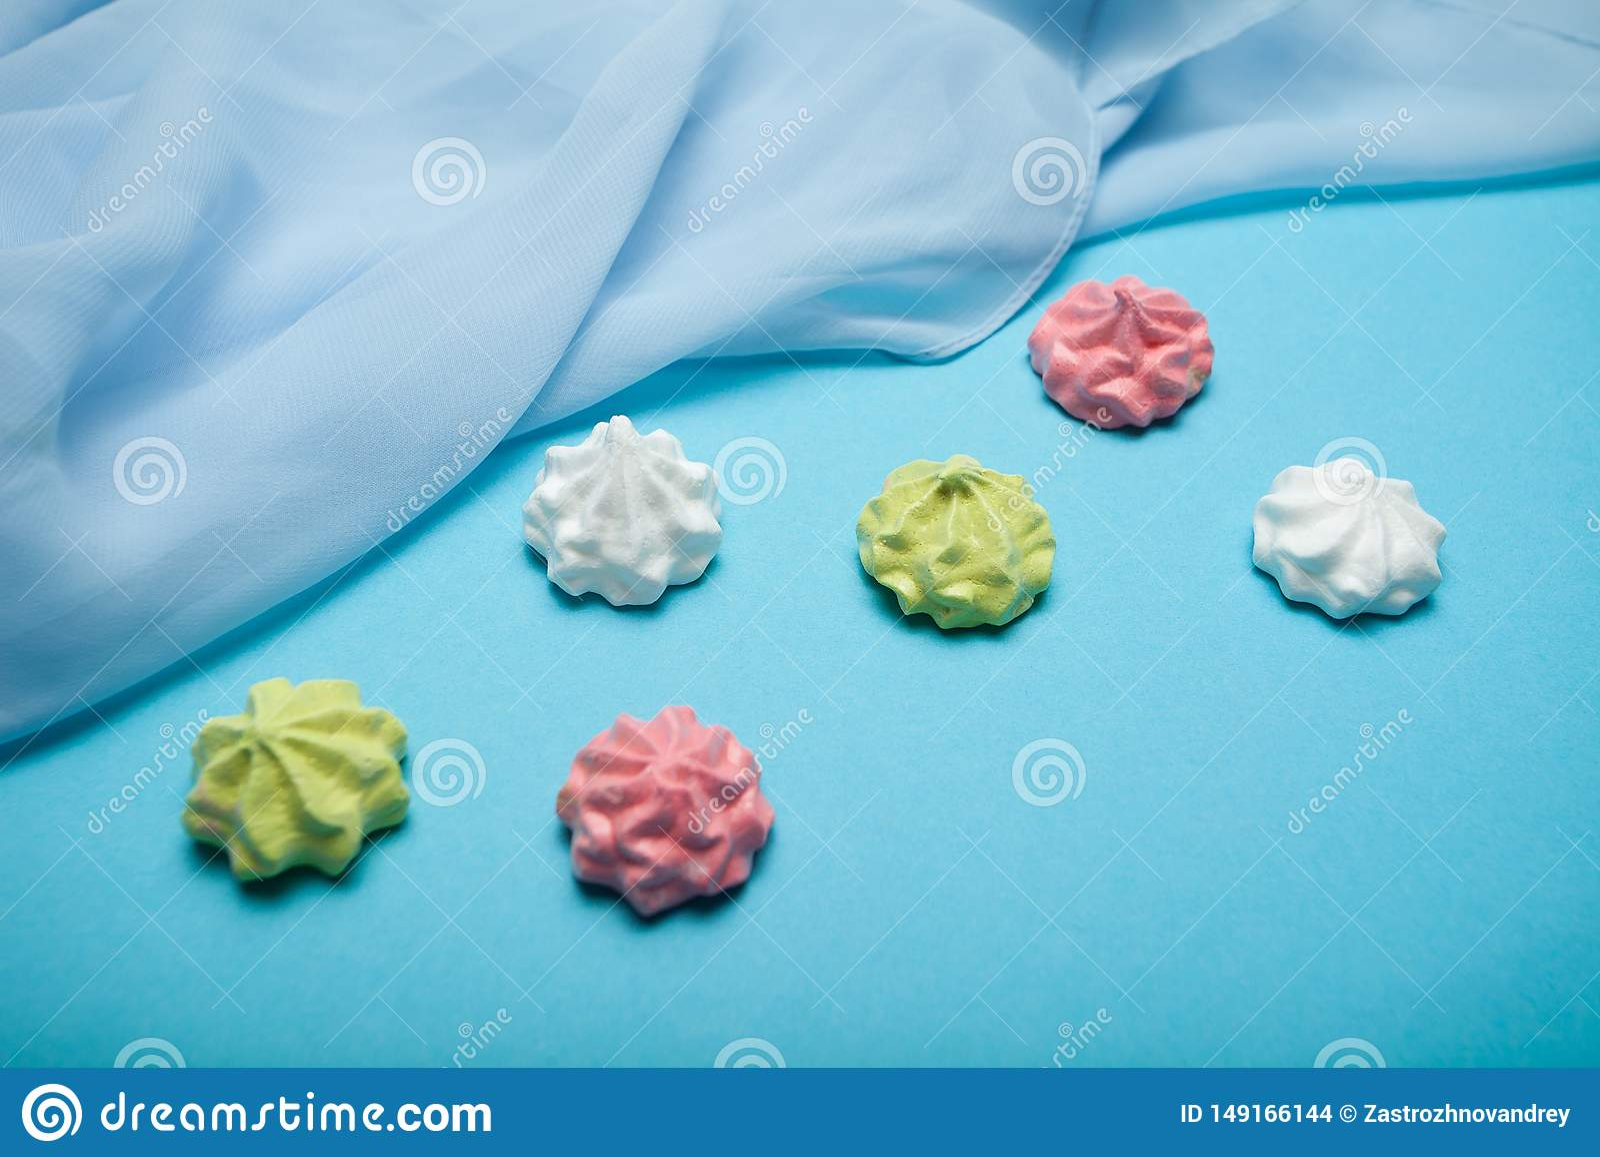 Πολυ χρωματισμένη γλυκιά παραδοσιακή μορφή μαρέγκας που απομονώνεται στο μπλε υπόβαθρο